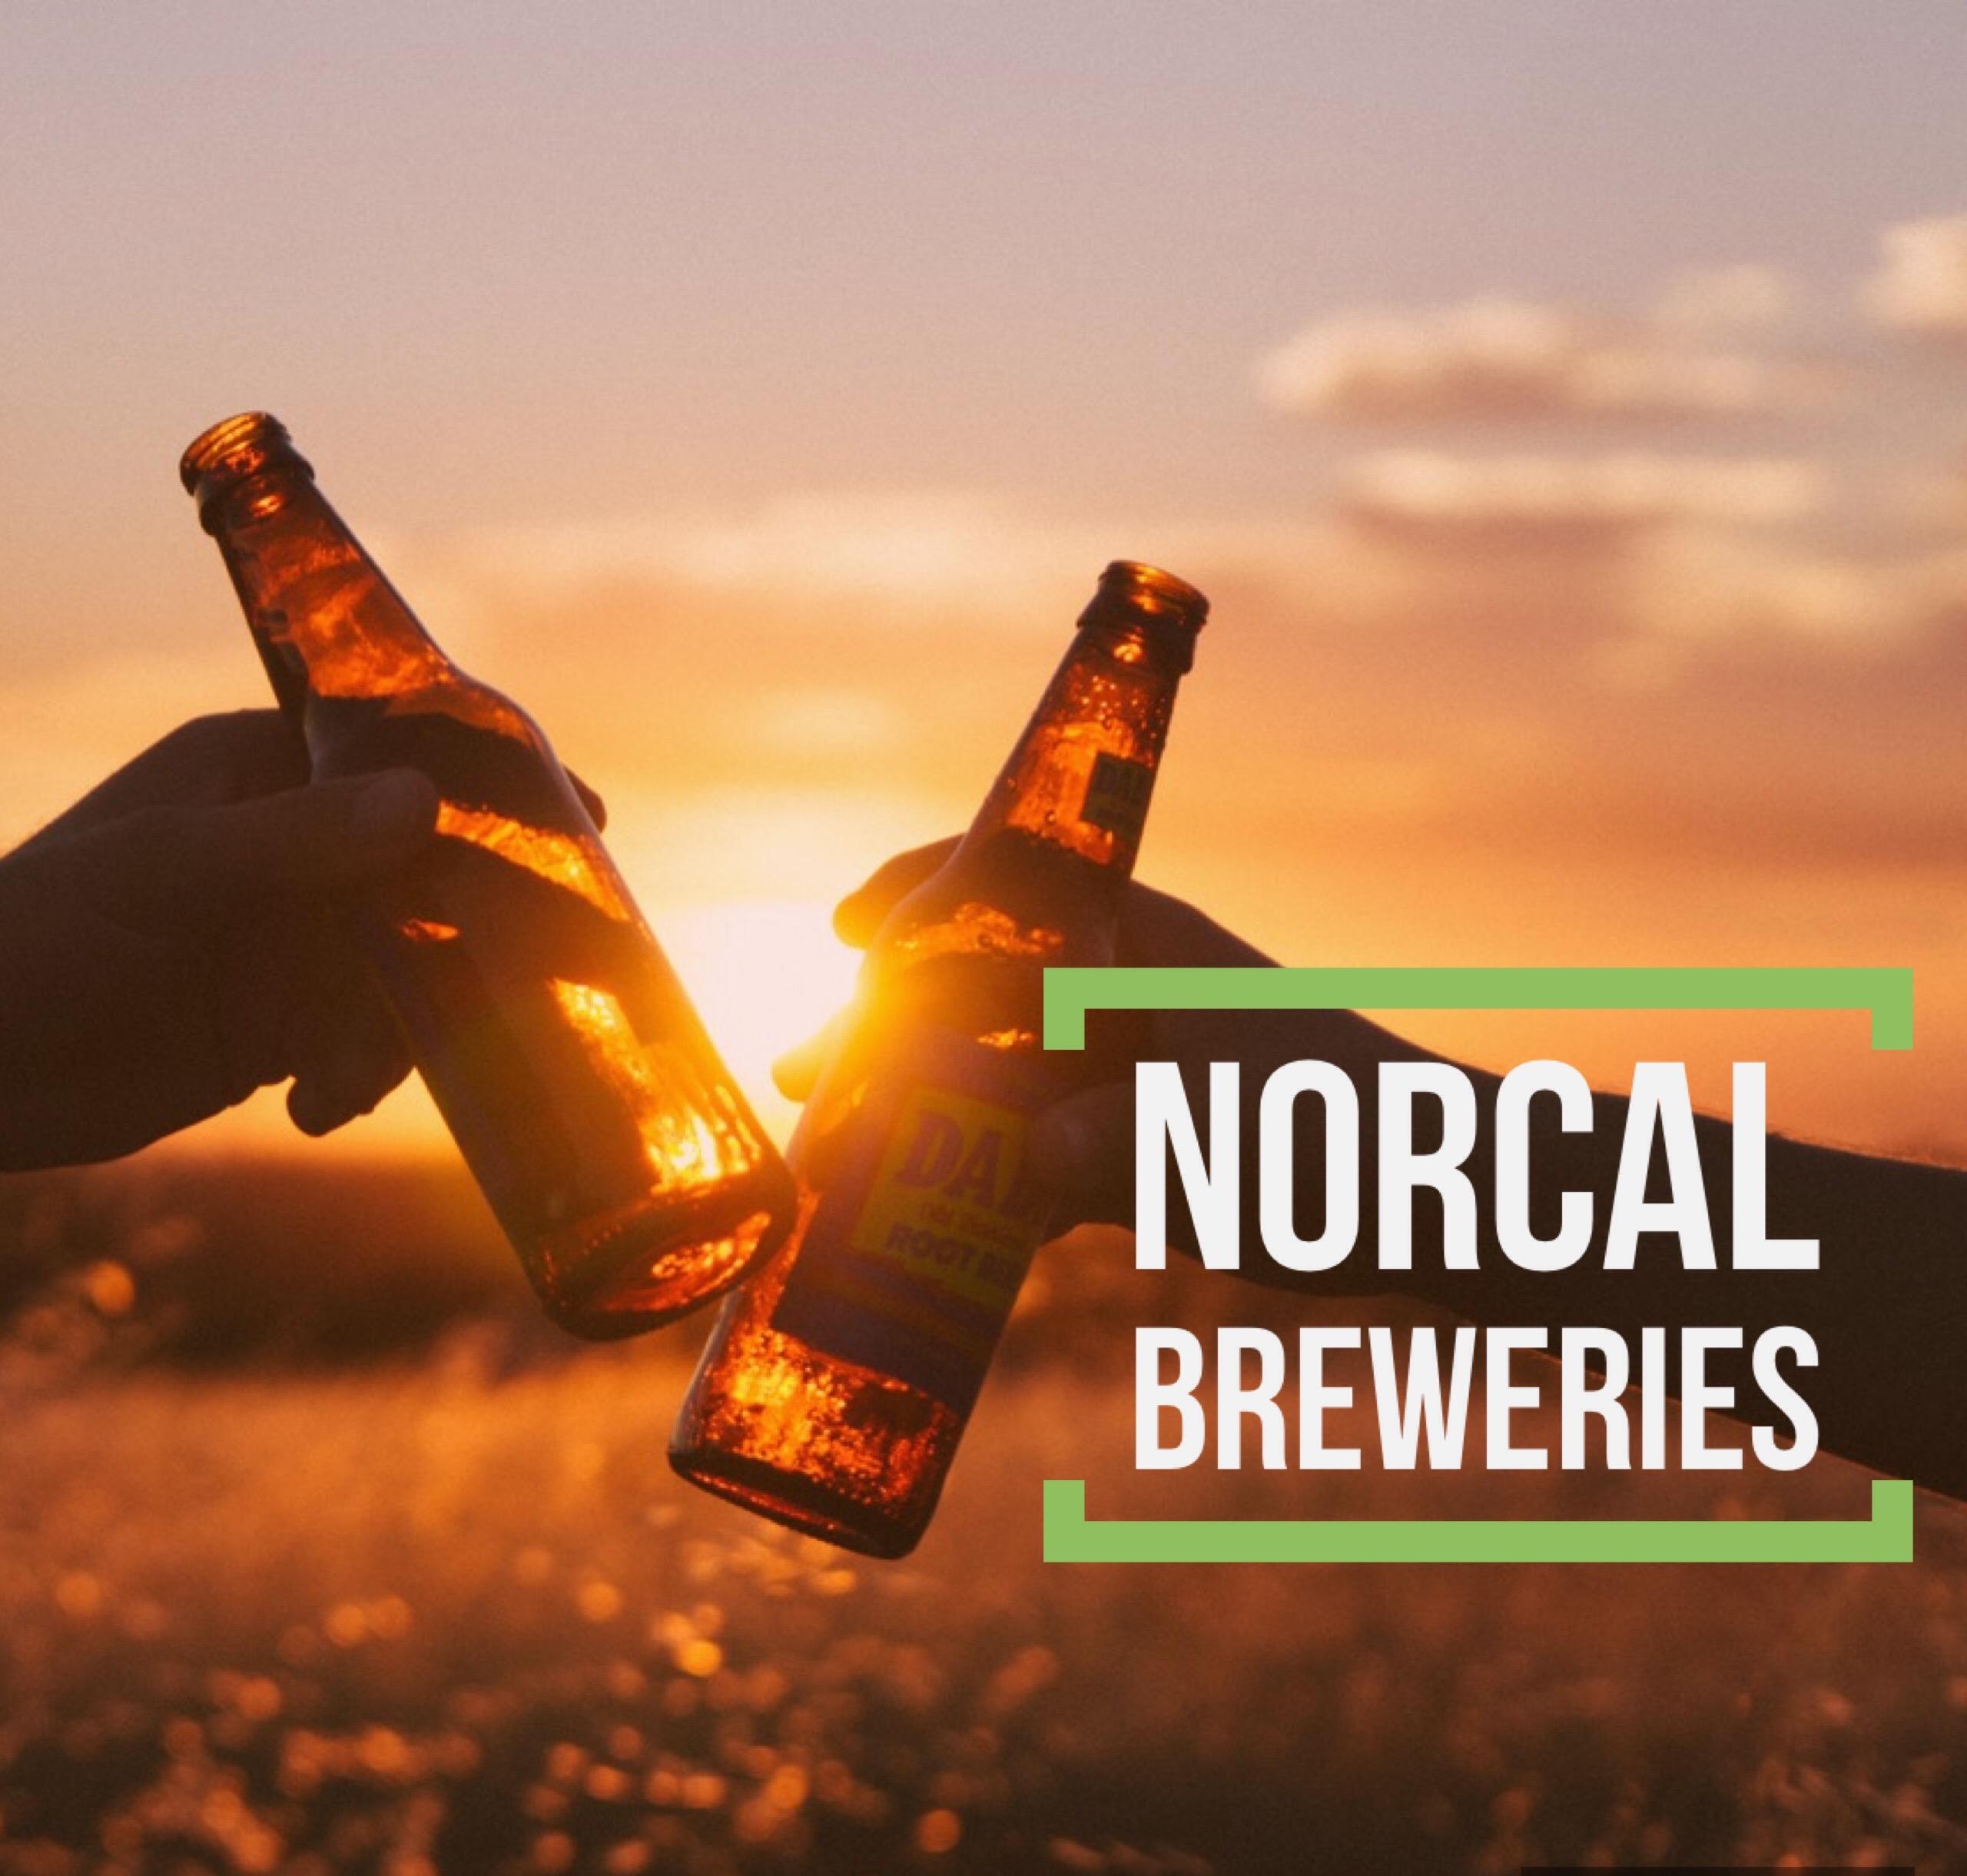 NorCal